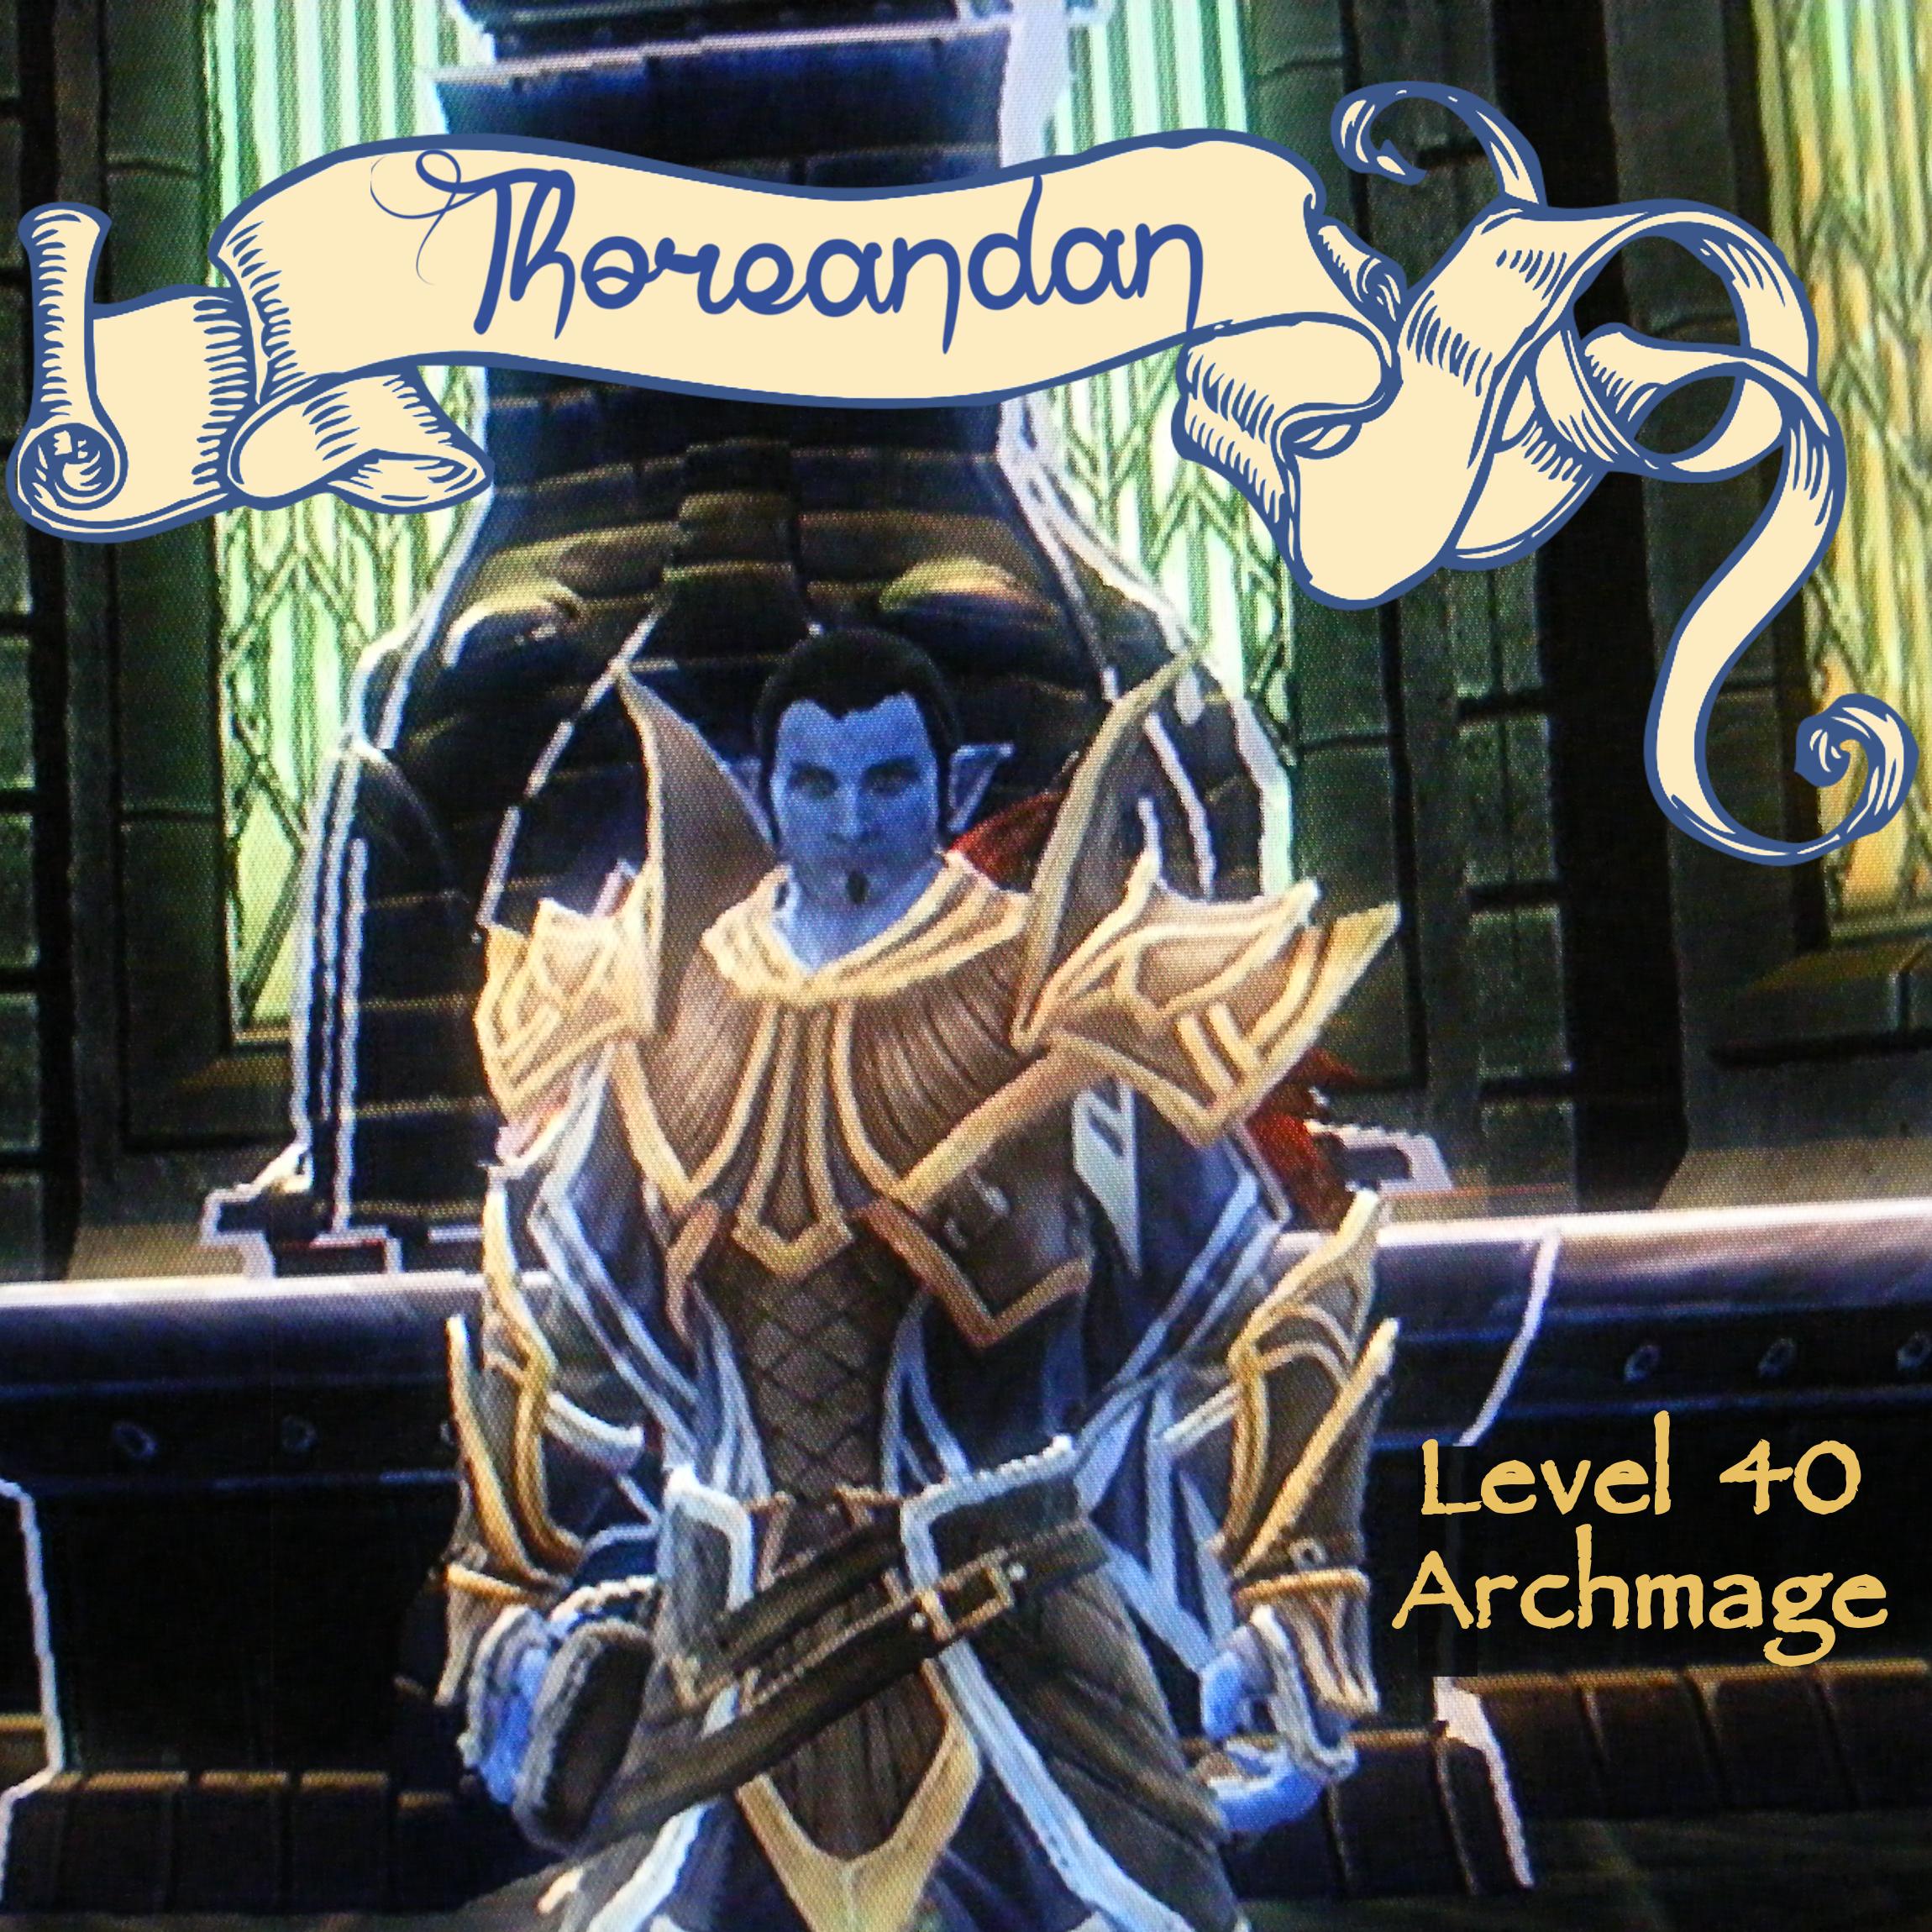 Thoreandan 2300x2300.png